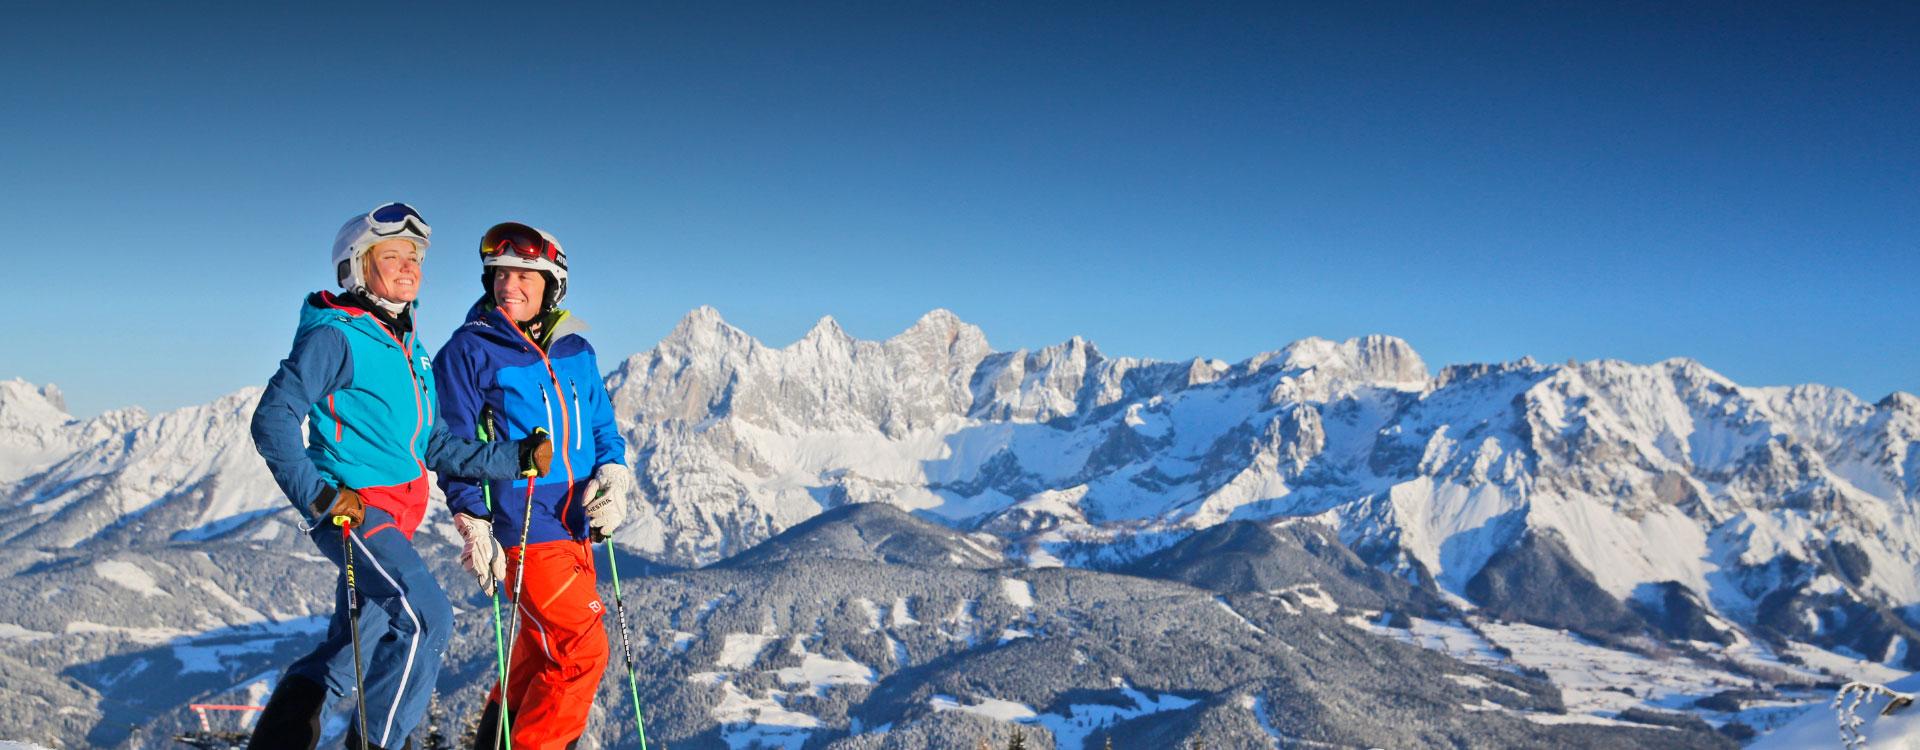 Skiurlaub in der Region Schladming-Dachstein, Steiermark